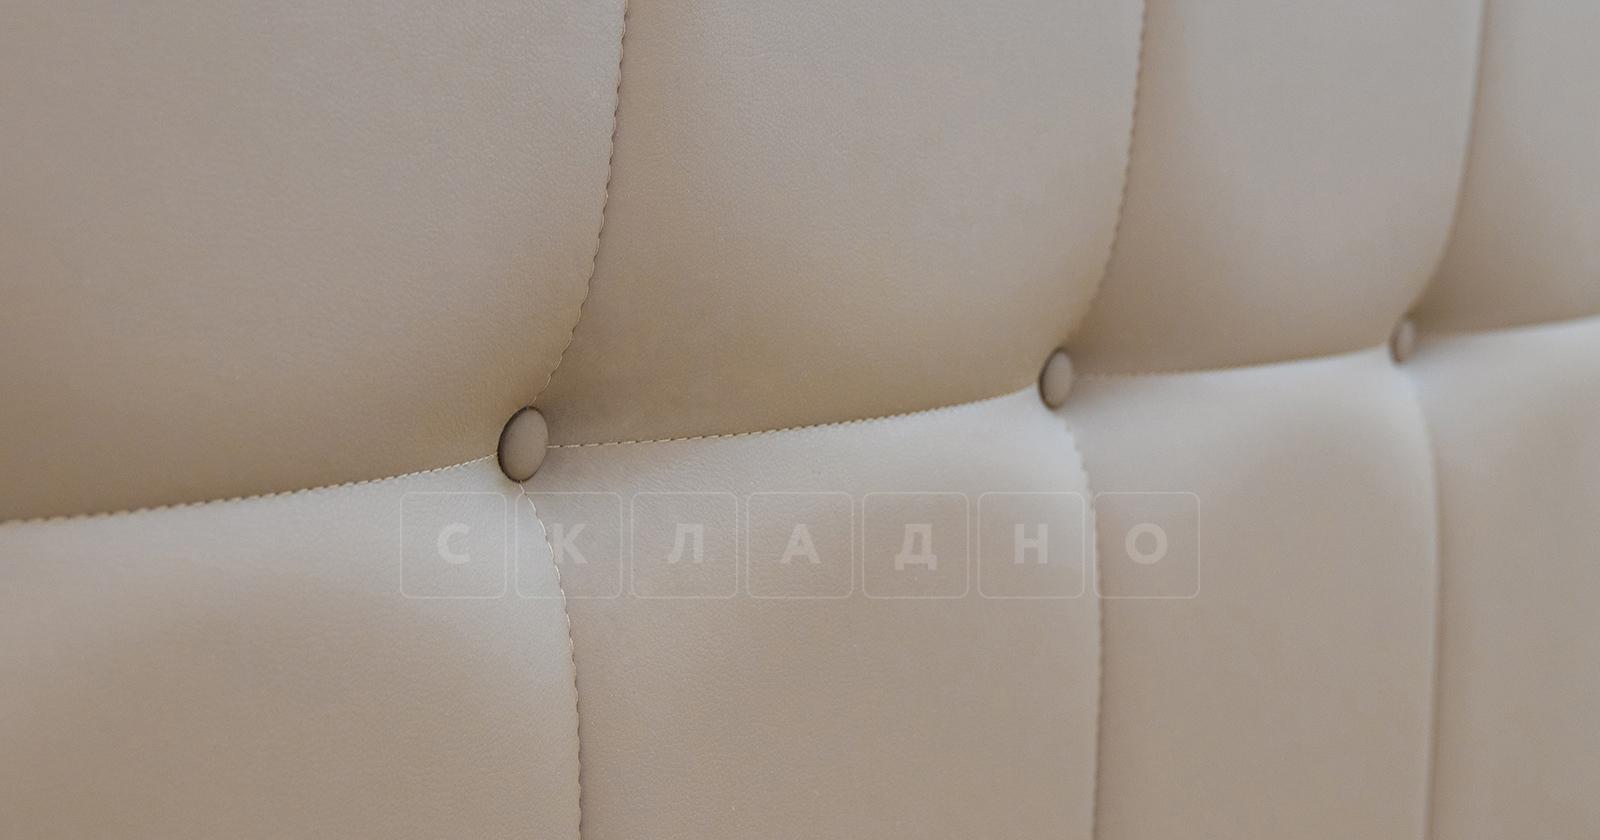 Мягкая кровать Хлоя 160 см капучино с подъемным механизмом фото 5 | интернет-магазин Складно